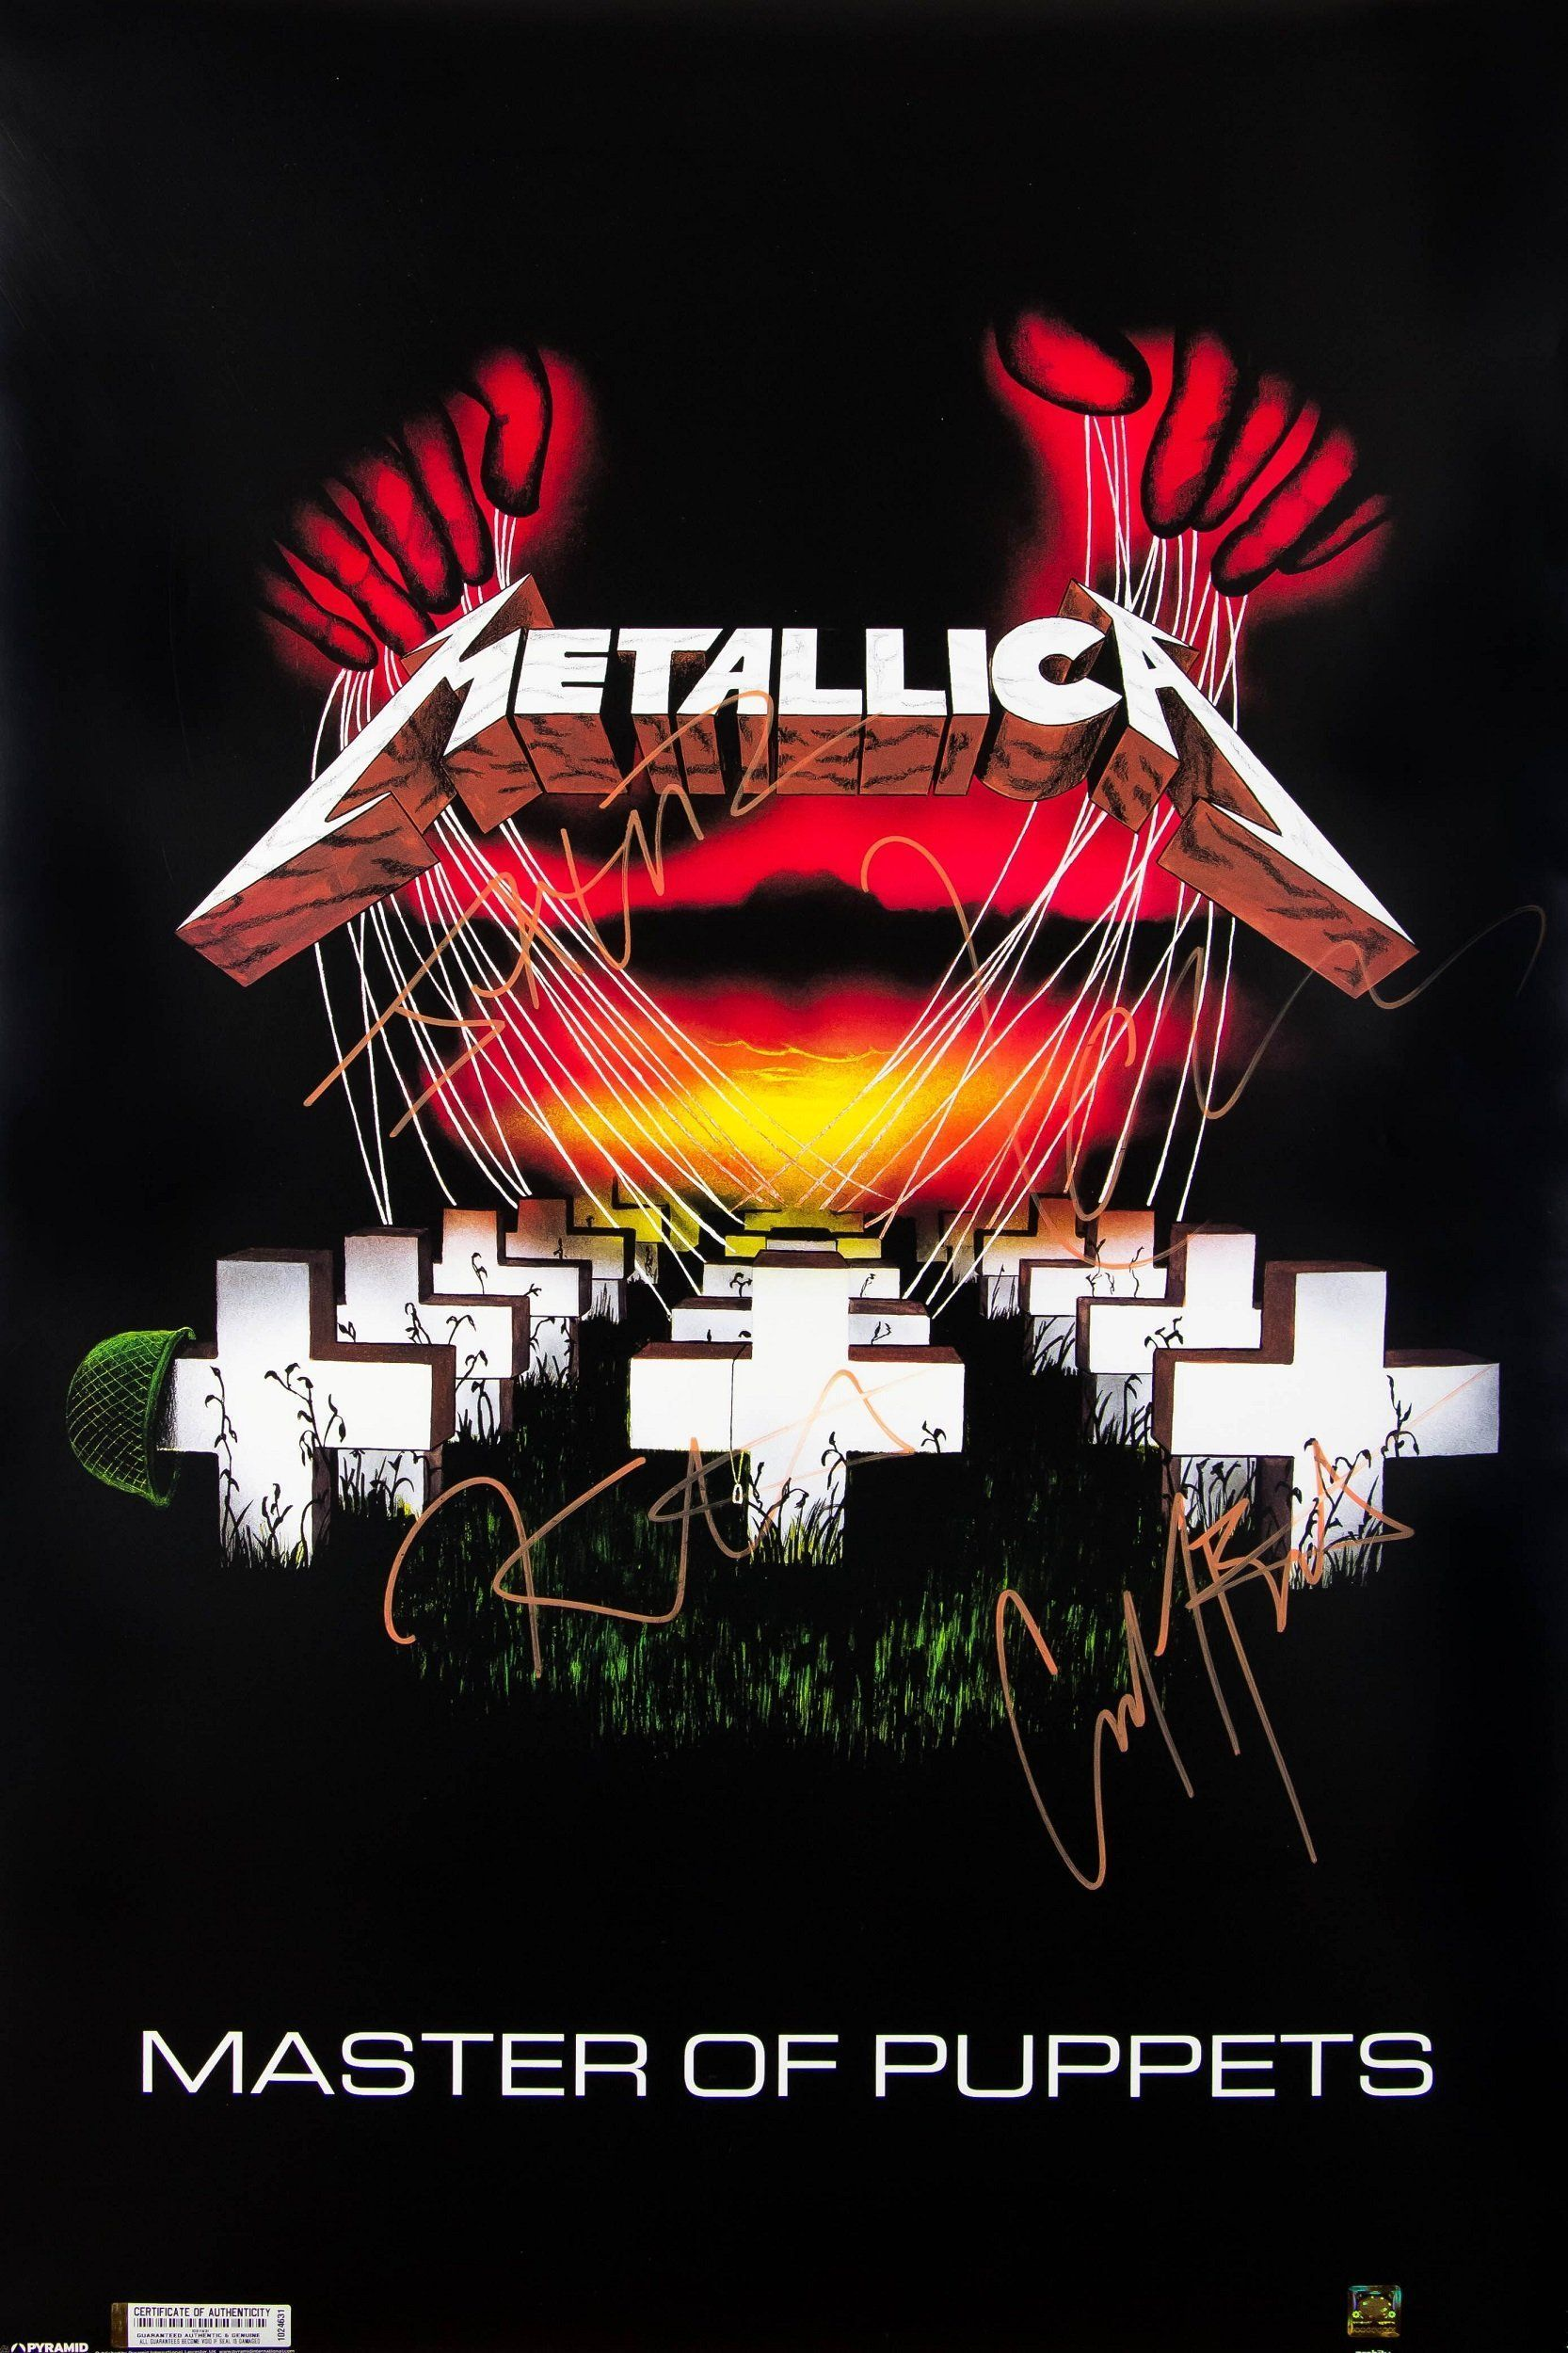 Metallica iPhone Wallpapers - Top Free Metallica iPhone Backgrounds ...